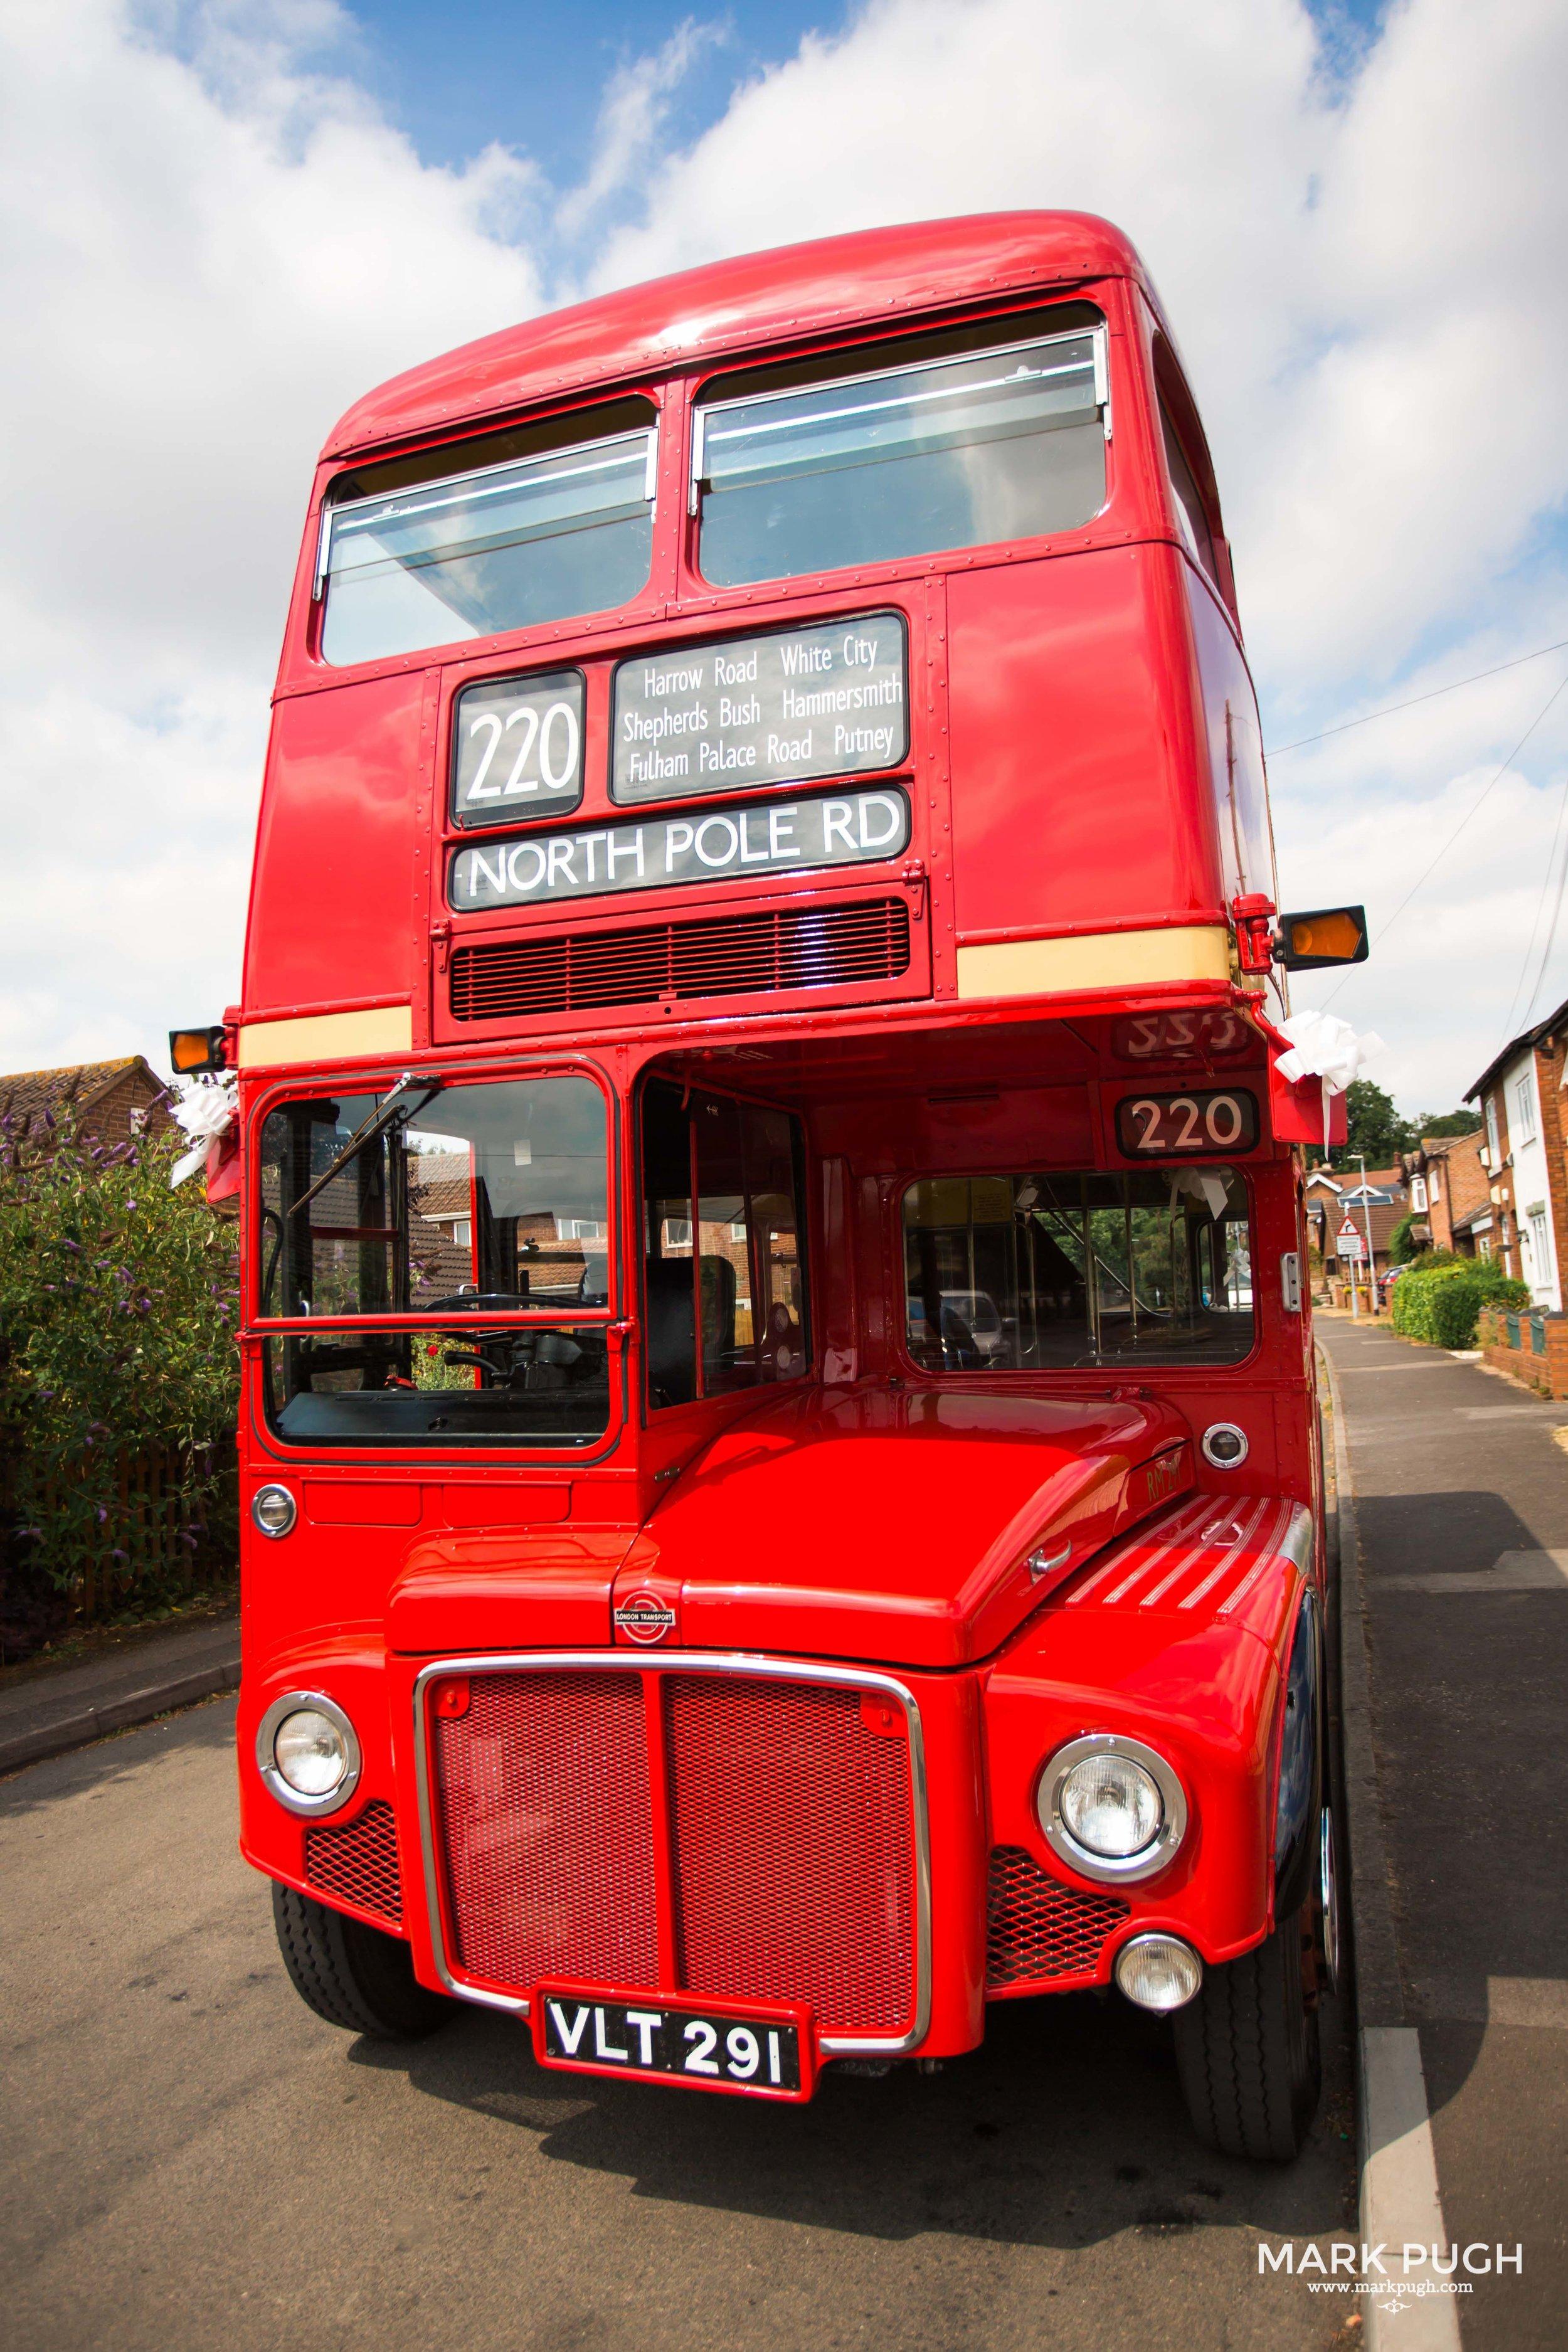 054 - fineART photography by www.markpugh.com Mark Pugh of www.mpmedia.co.uk_.JPG